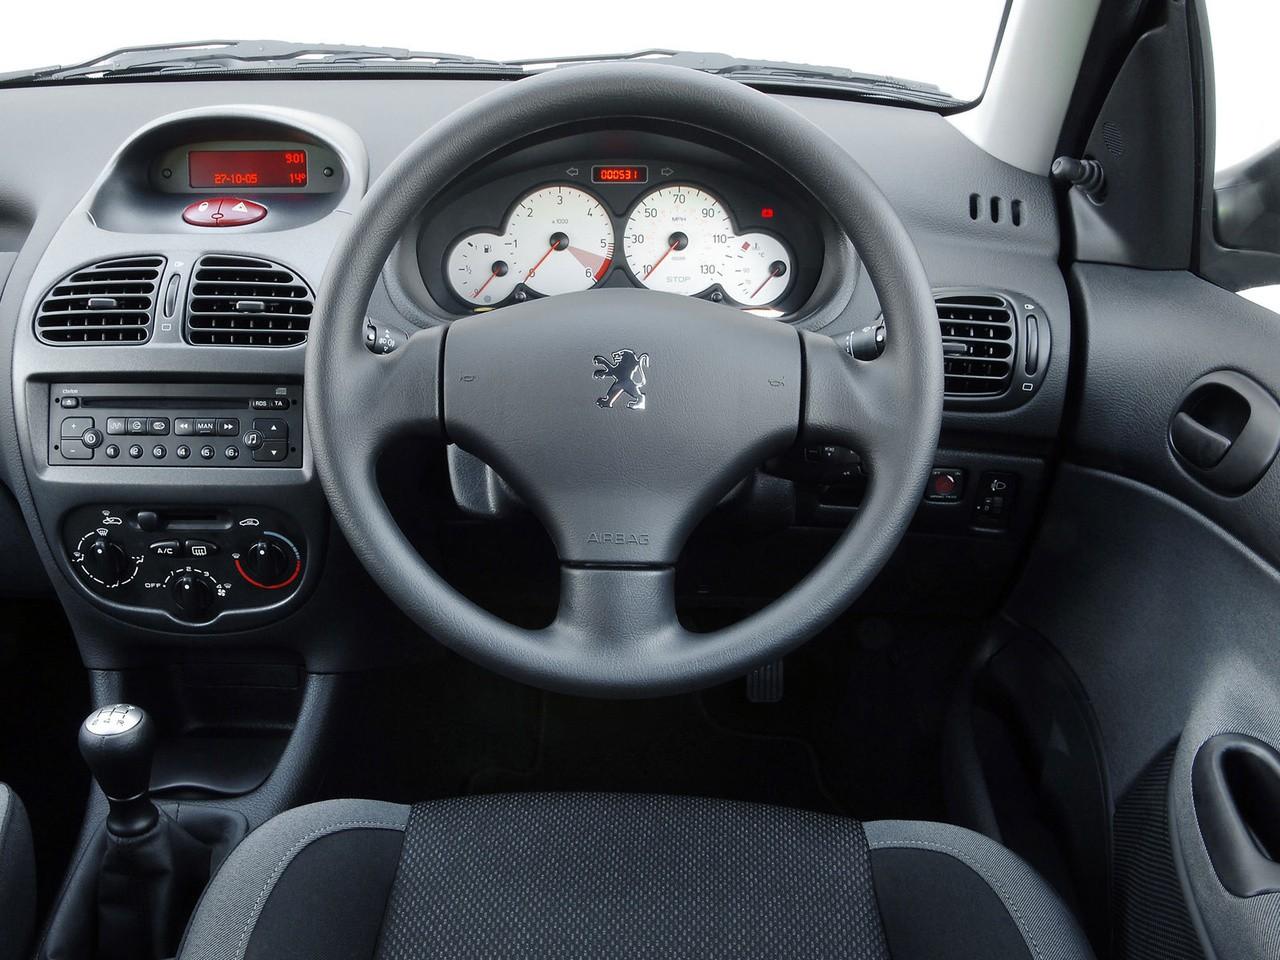 peugeot 206 3 doors specs - 2002, 2003, 2004, 2005, 2006, 2007